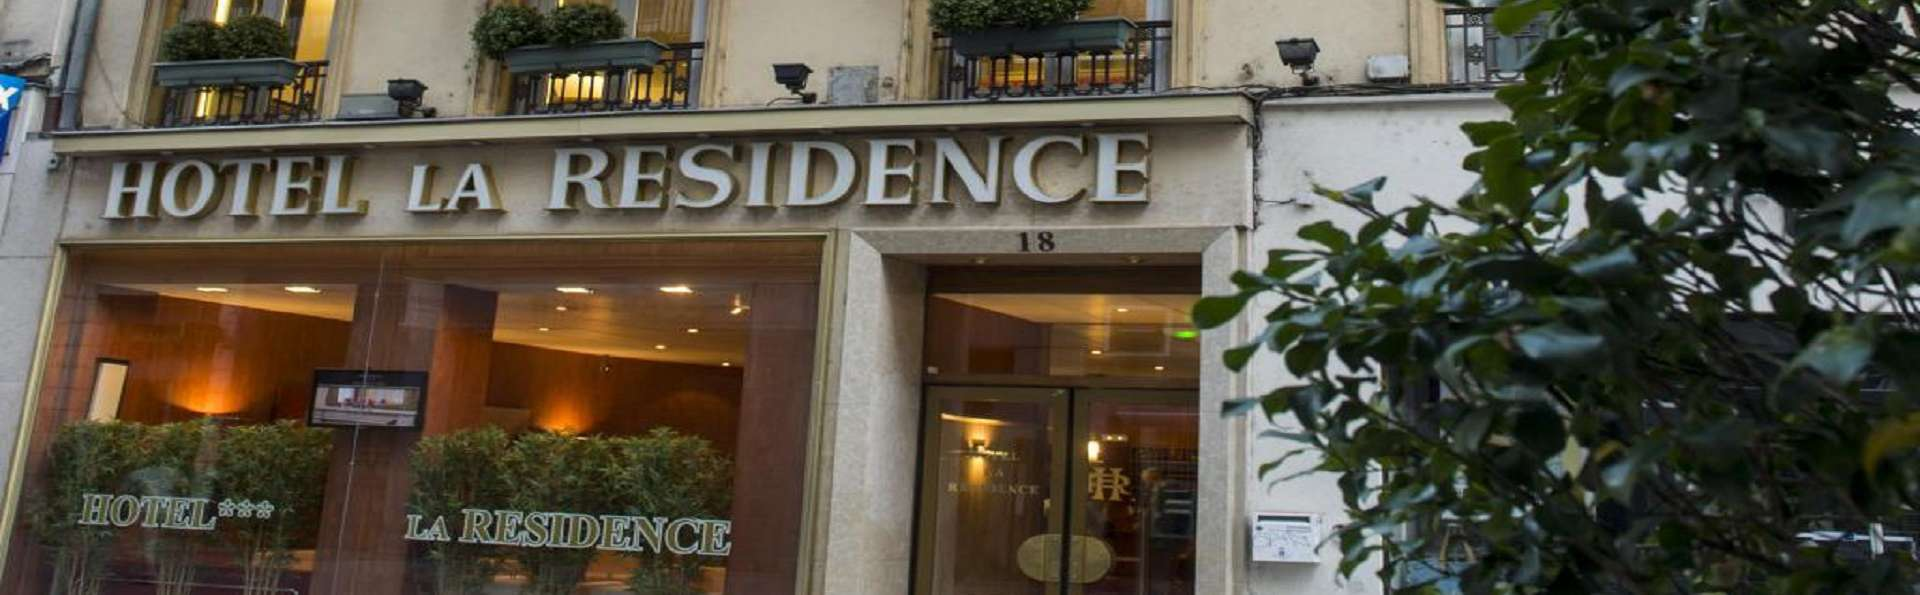 Hôtel la Résidence - Lyon Bellecour - EDIT_Facade.jpg